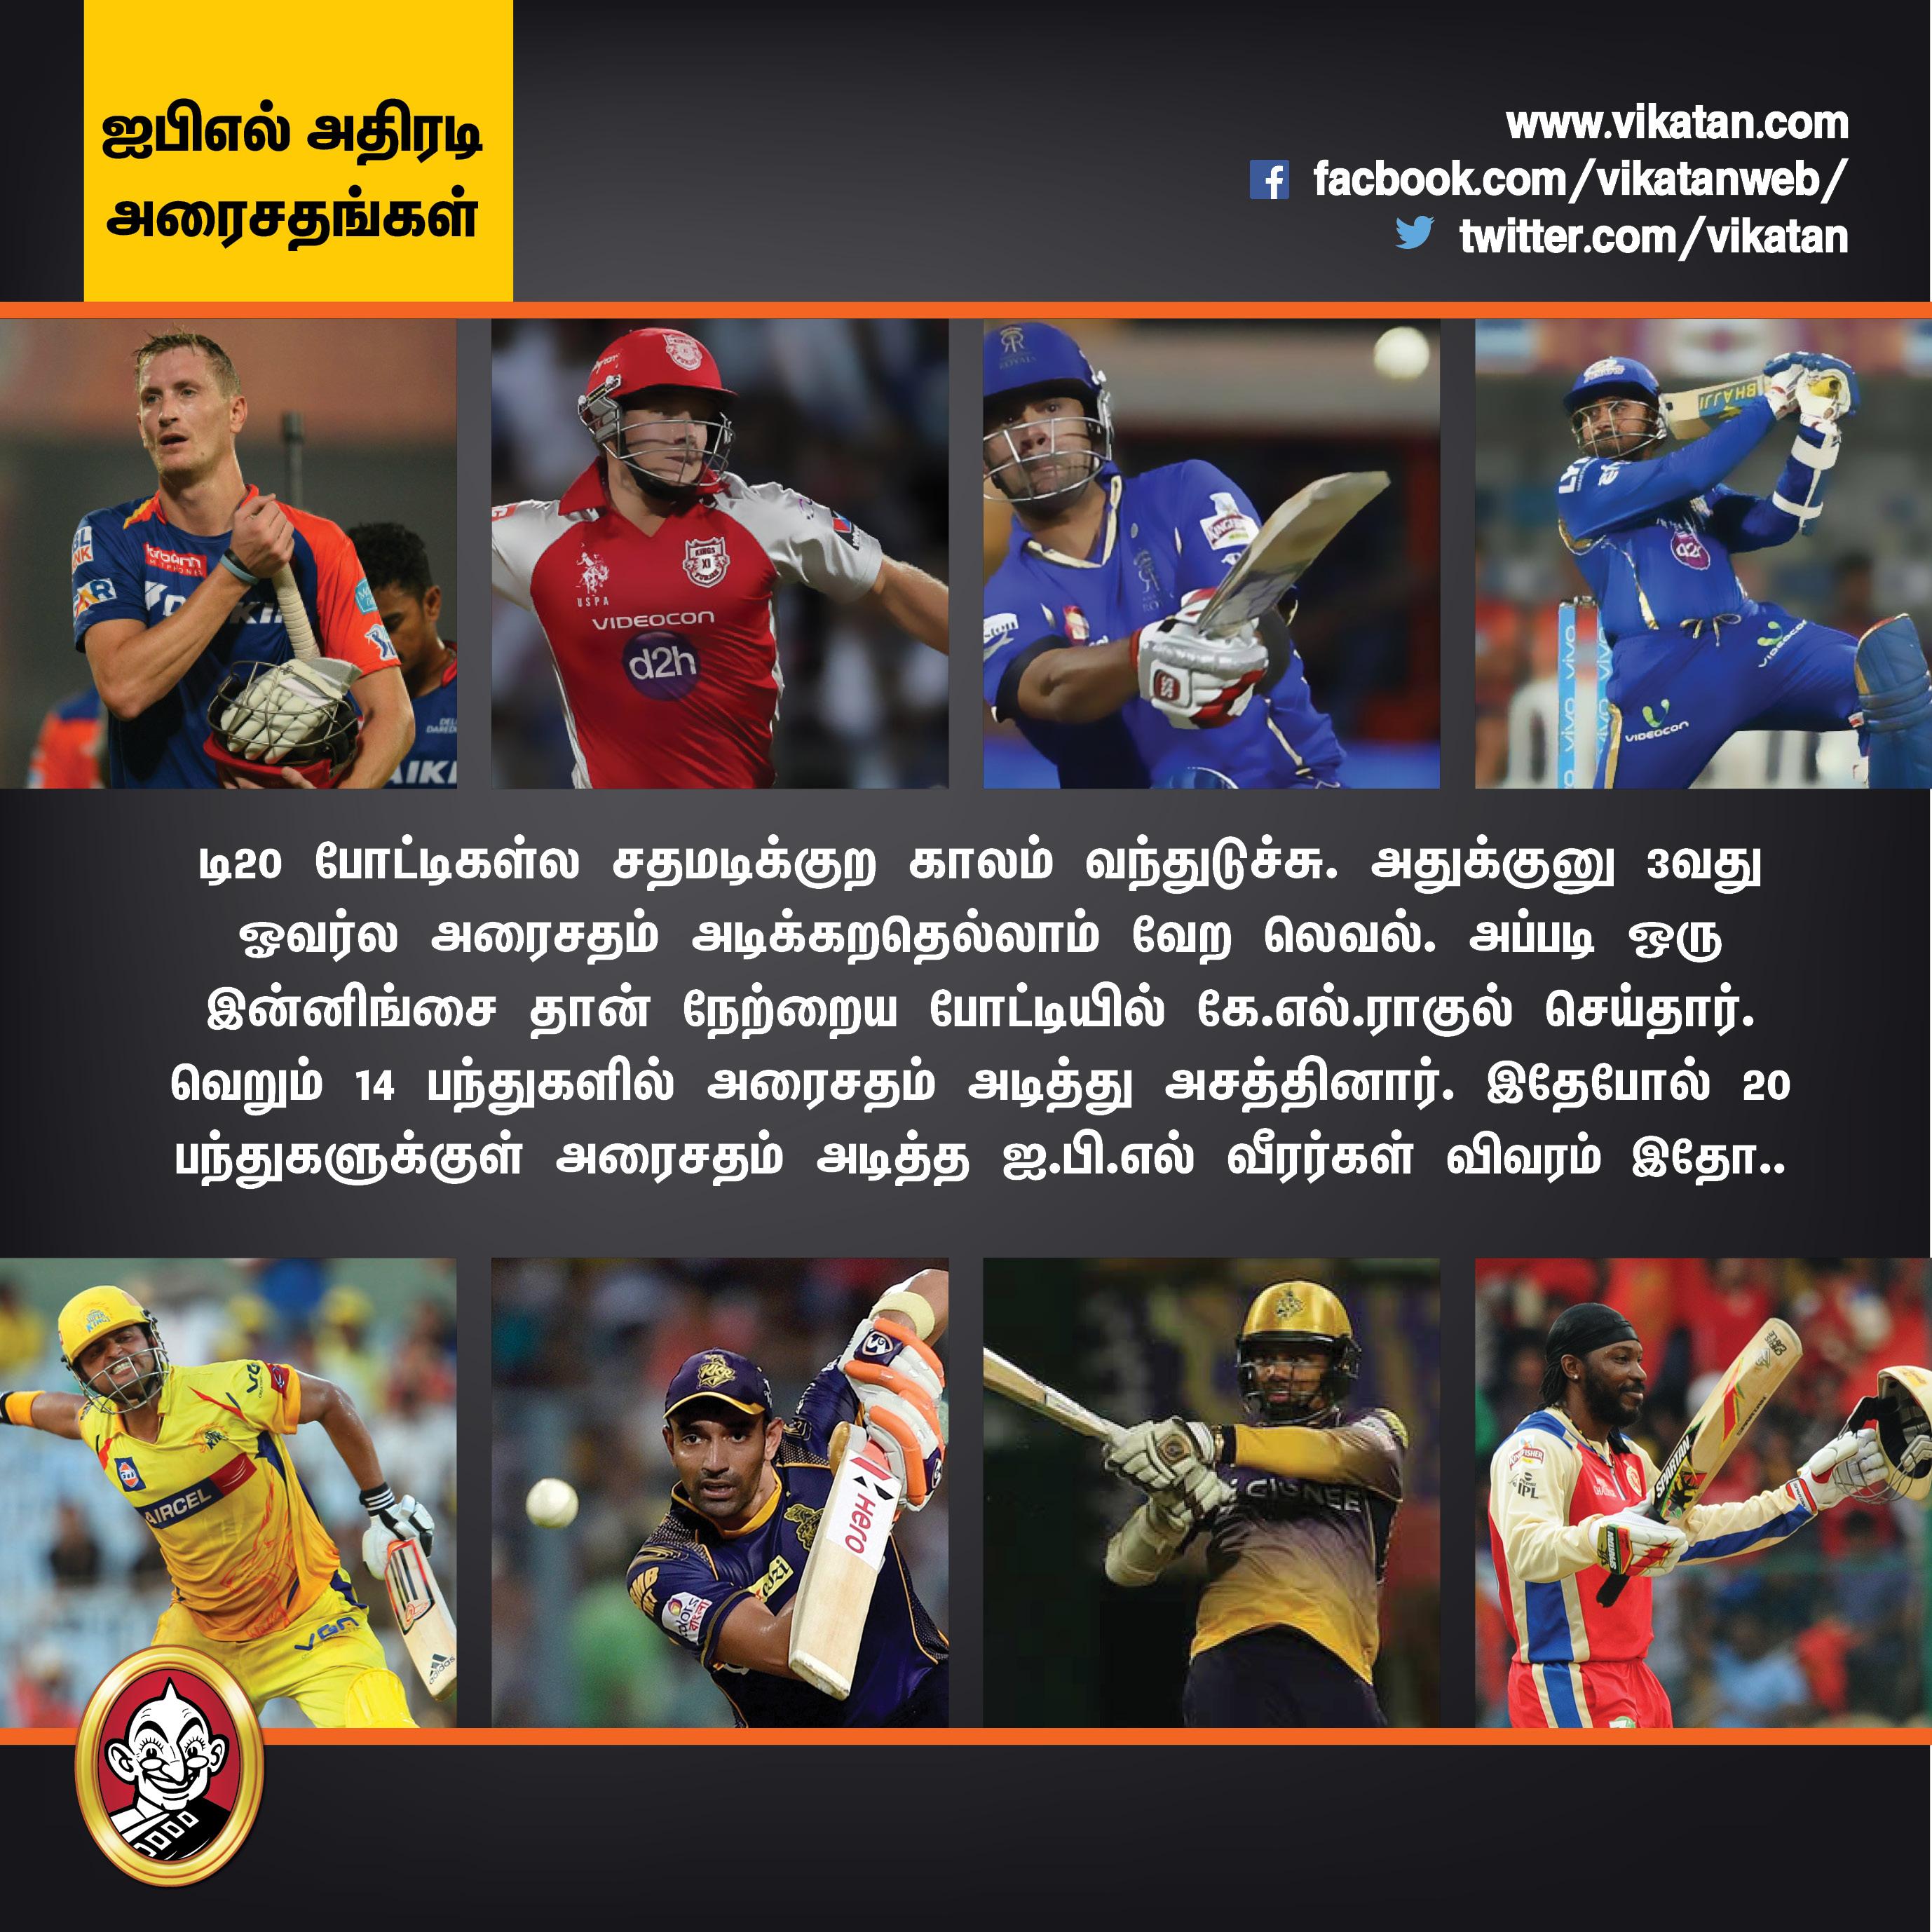 கே.எல்.ராகுல் முதல் ஹர்பஜன் வரை... அதிவேக அரைசத கில்லிகள்! #IPL2018 #VikatanPhotoCards